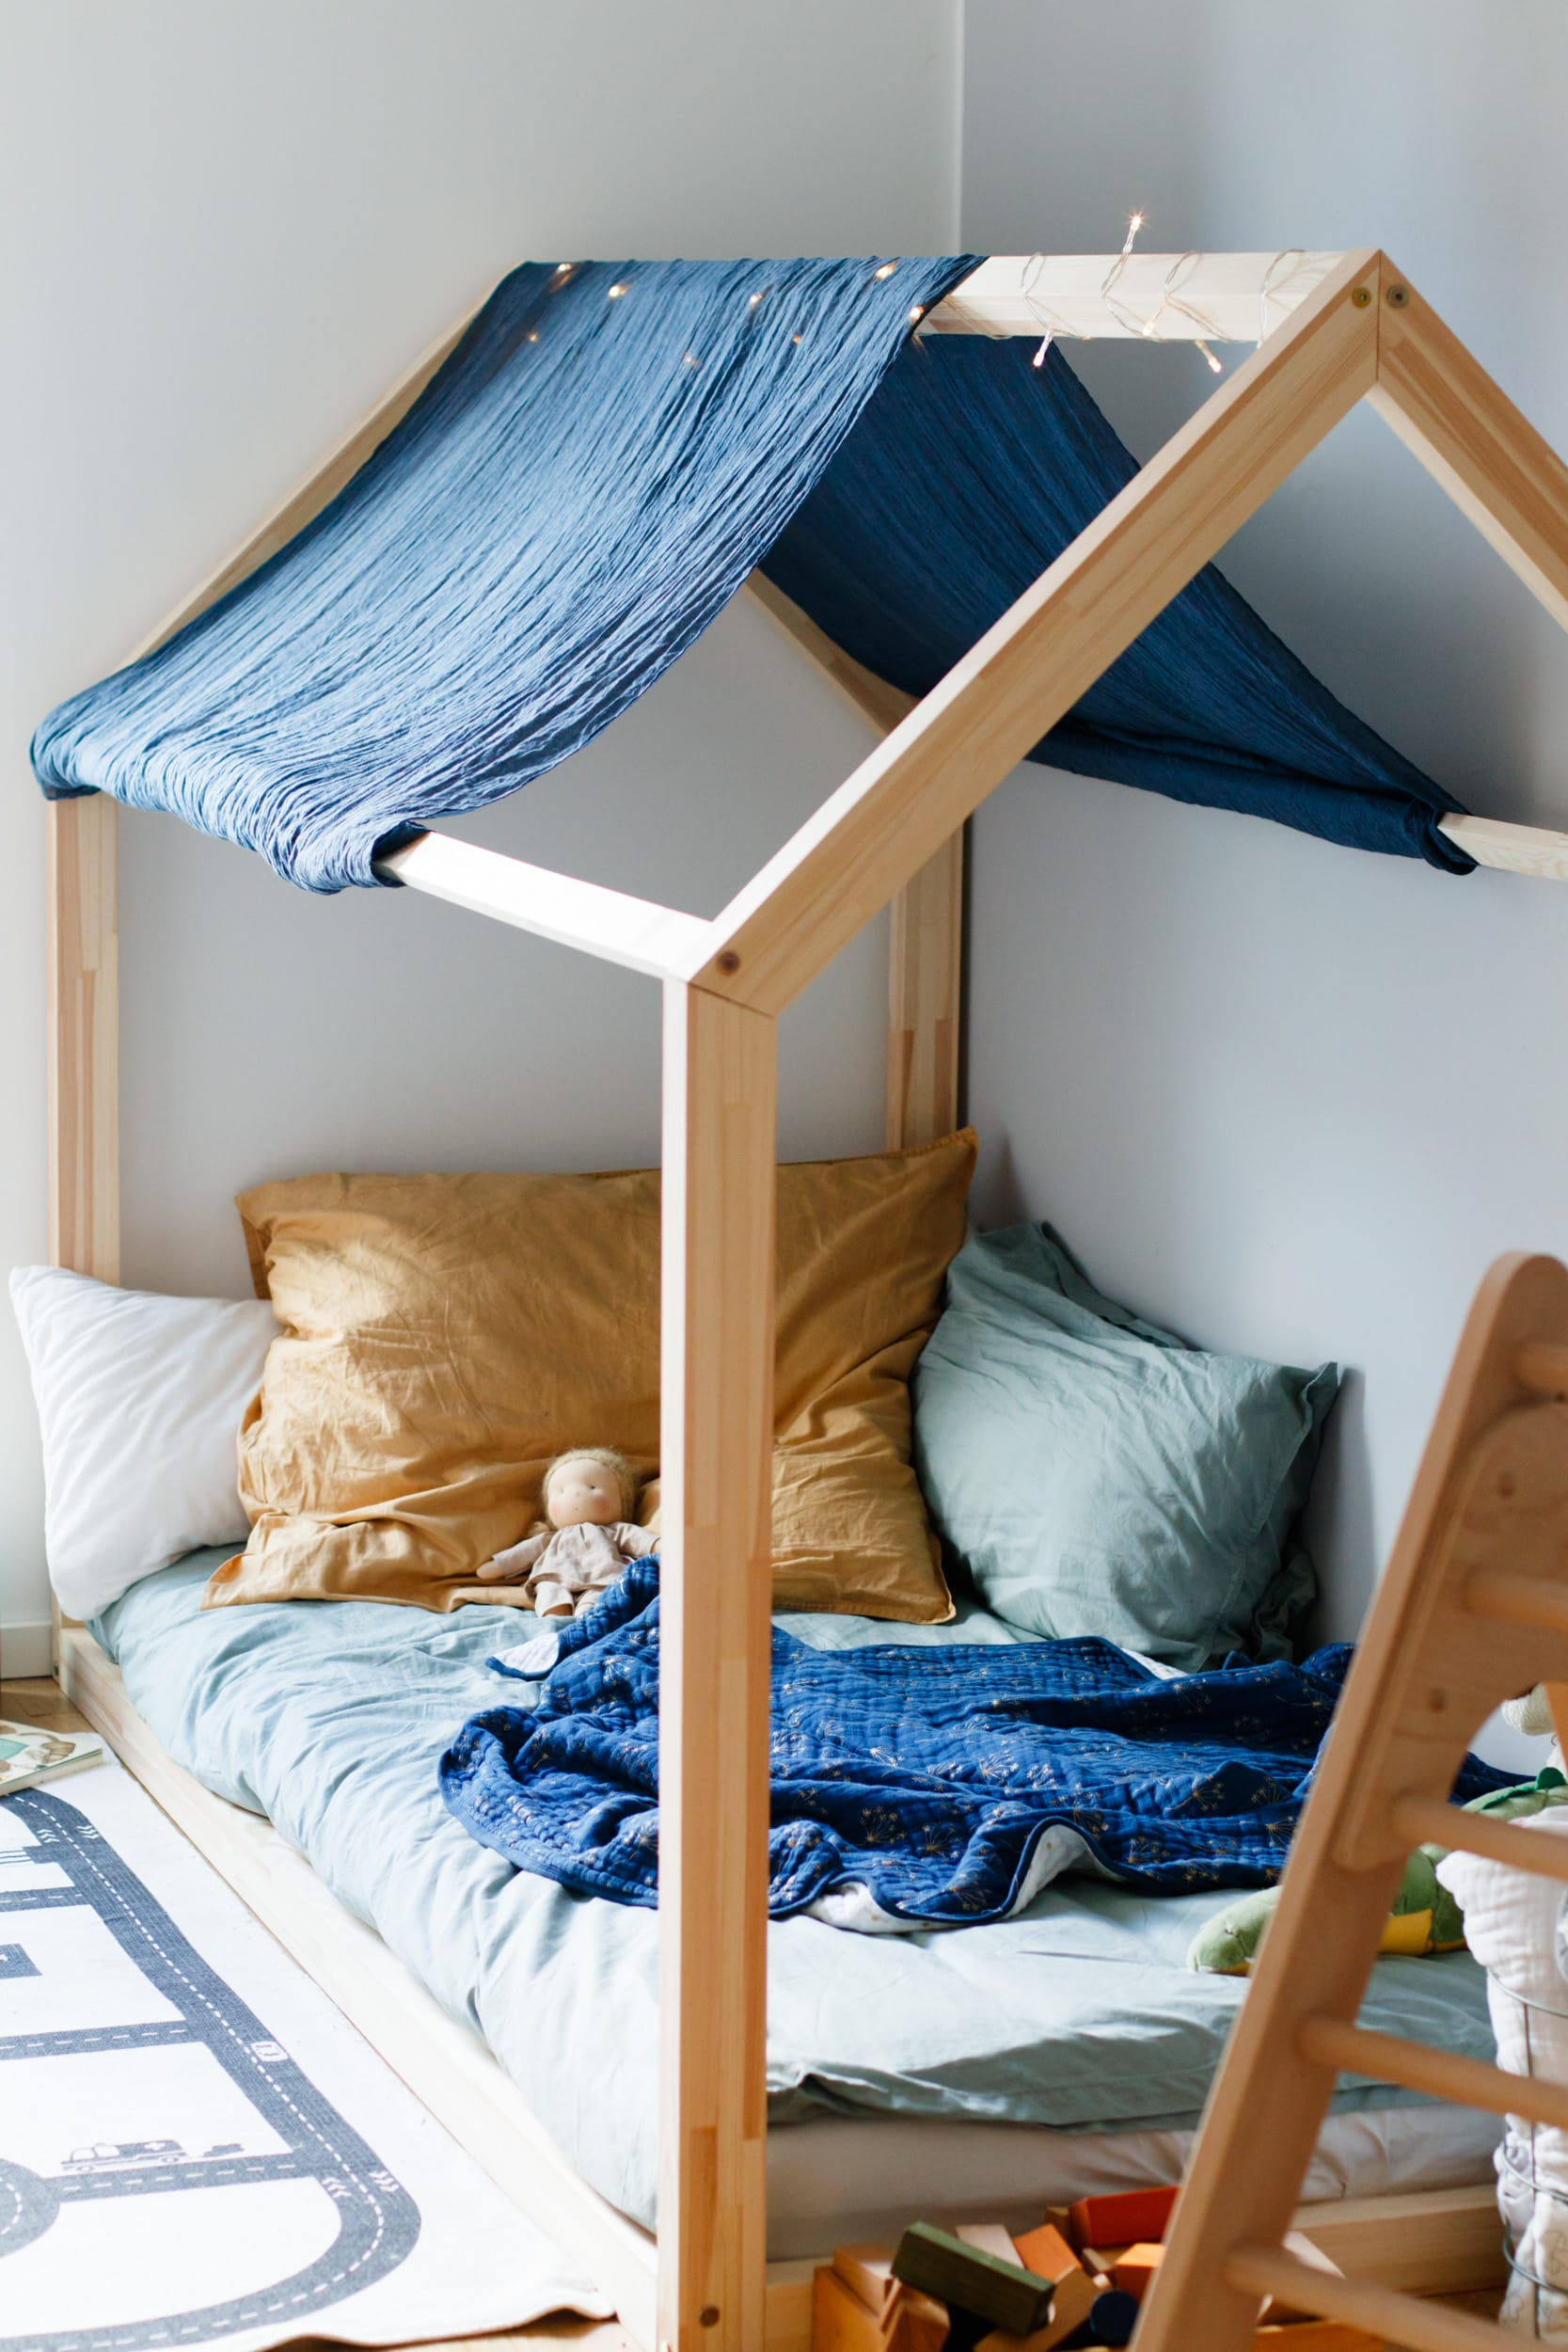 Full Size of Hausbett 100x200 Fr Floor Bed Nach Maria Montessori Bett Weiß Betten Wohnzimmer Hausbett 100x200